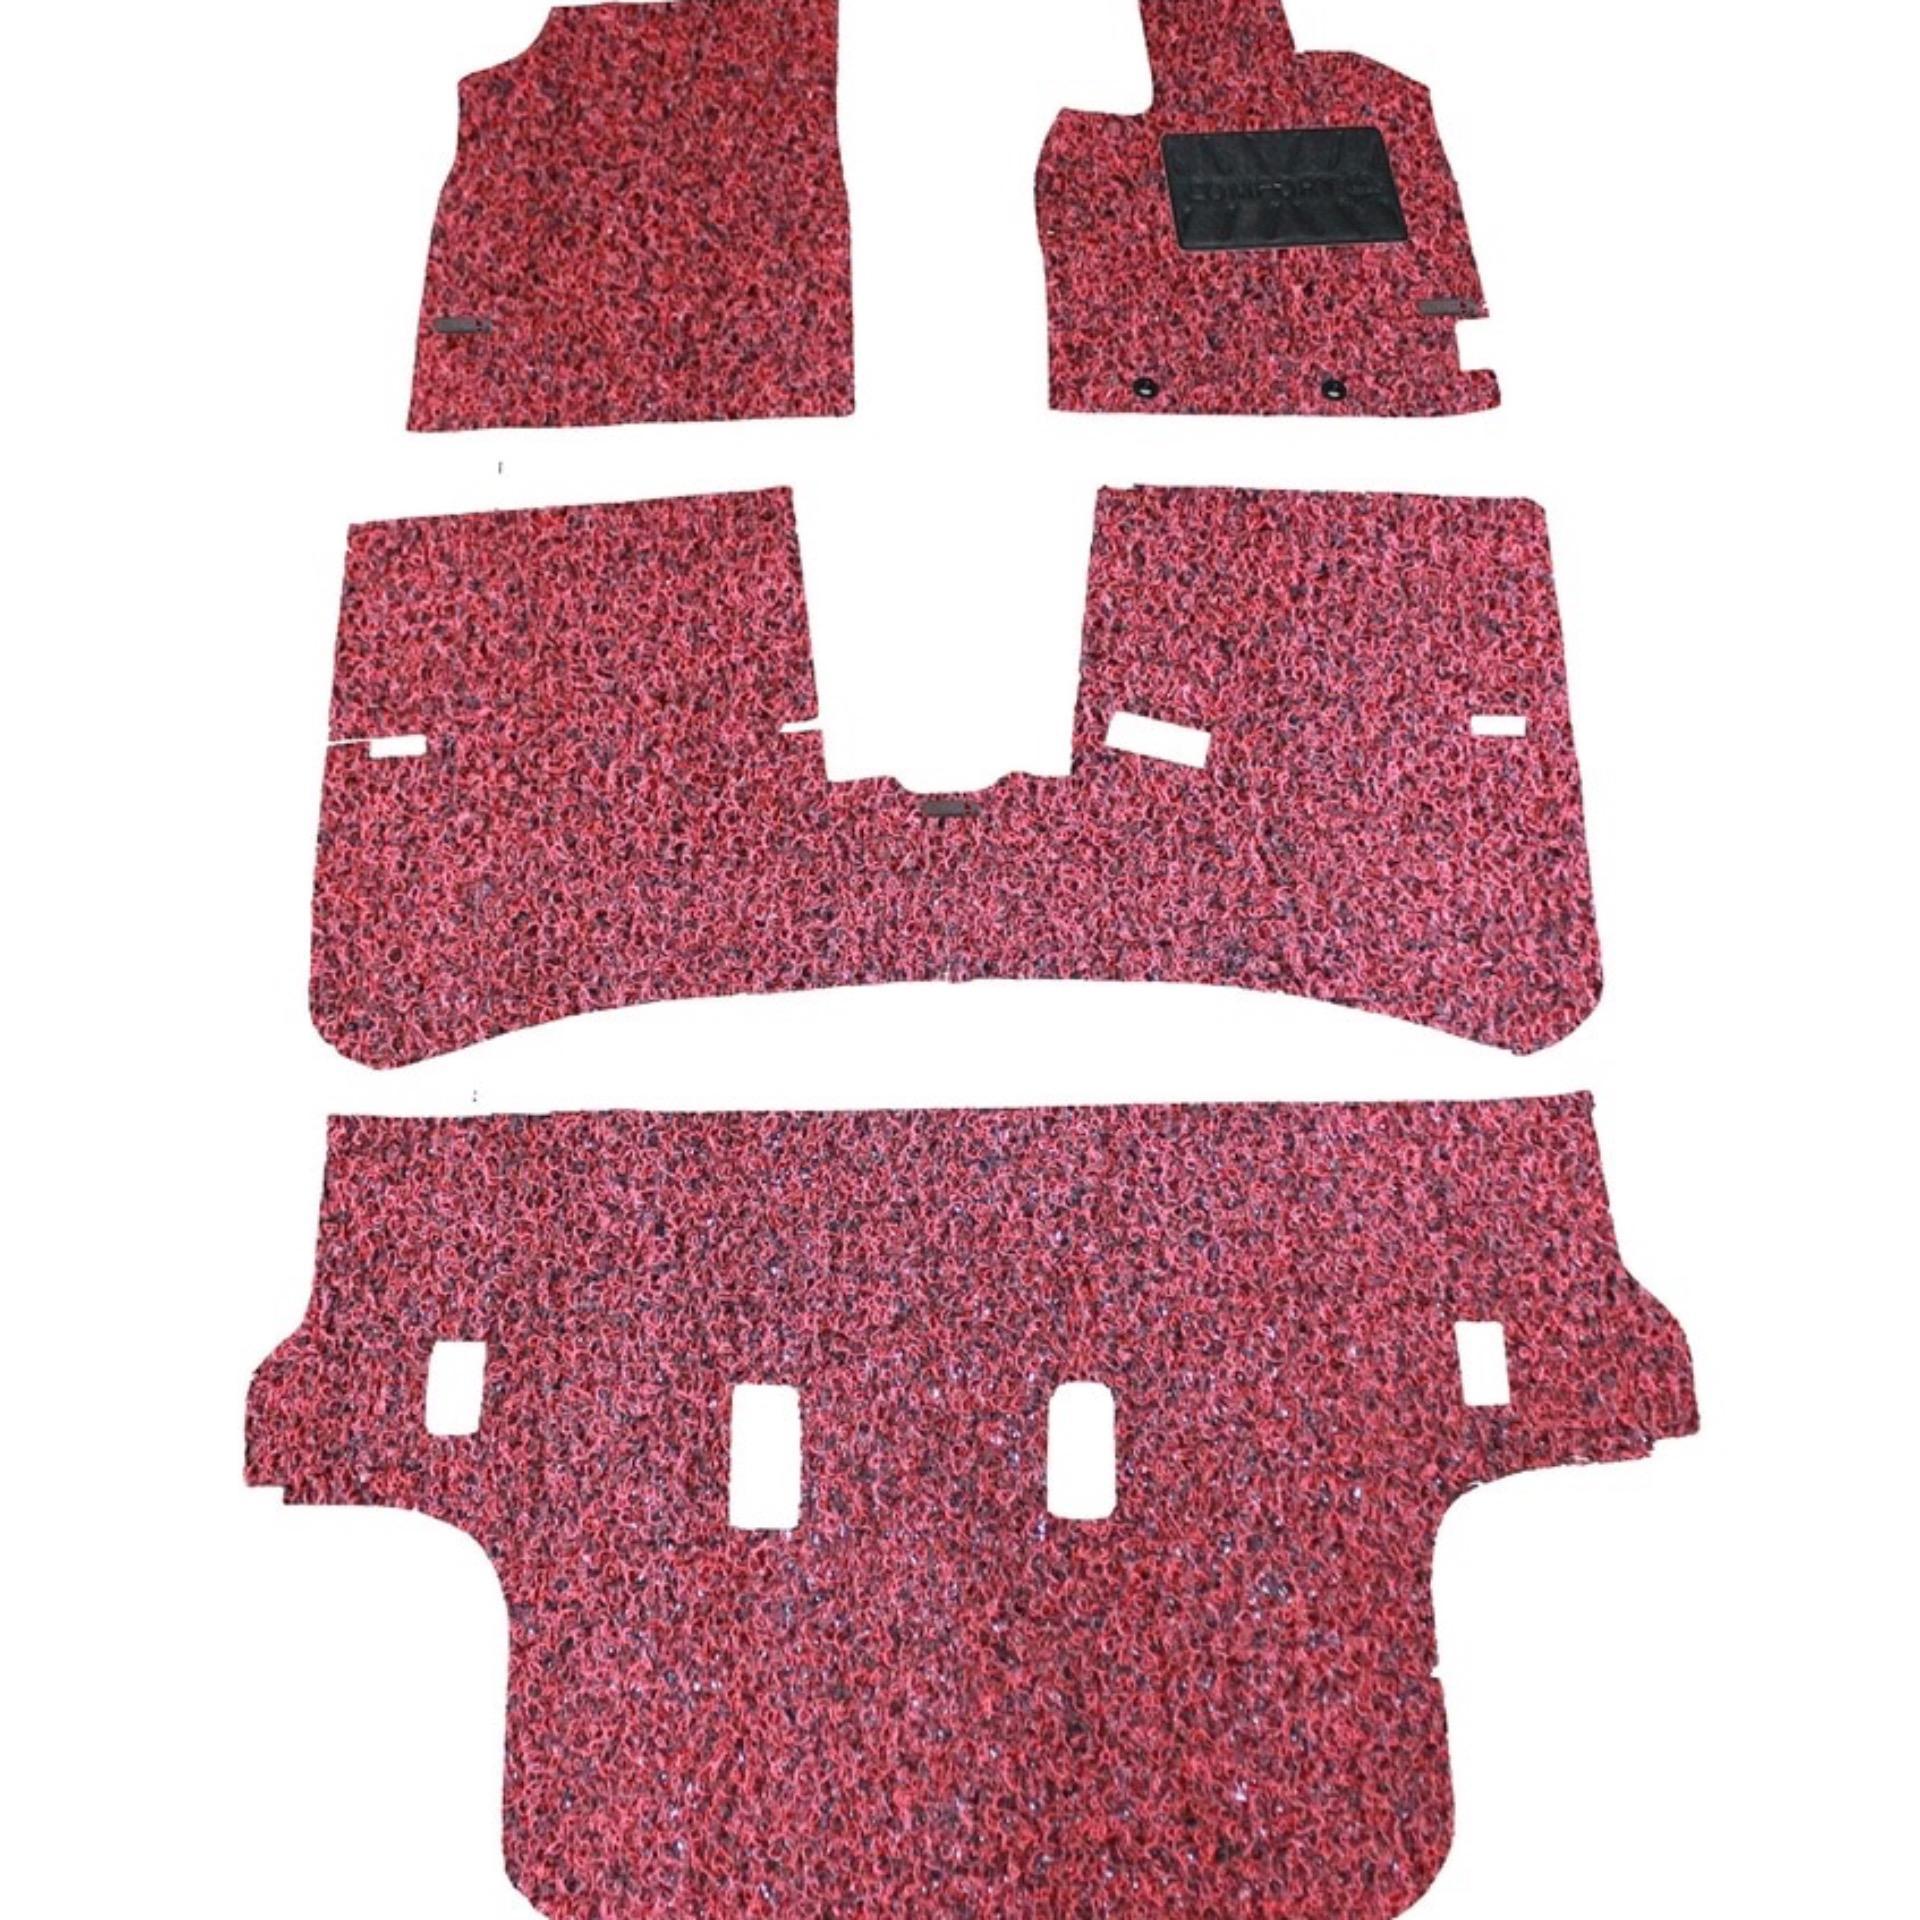 Honda Freed Karpet Mobil Comfort Premium 20mm Car Mat Full Set Suzuki Katana Deluxe 12mm Brv Atau Mobilio Merah Hitam